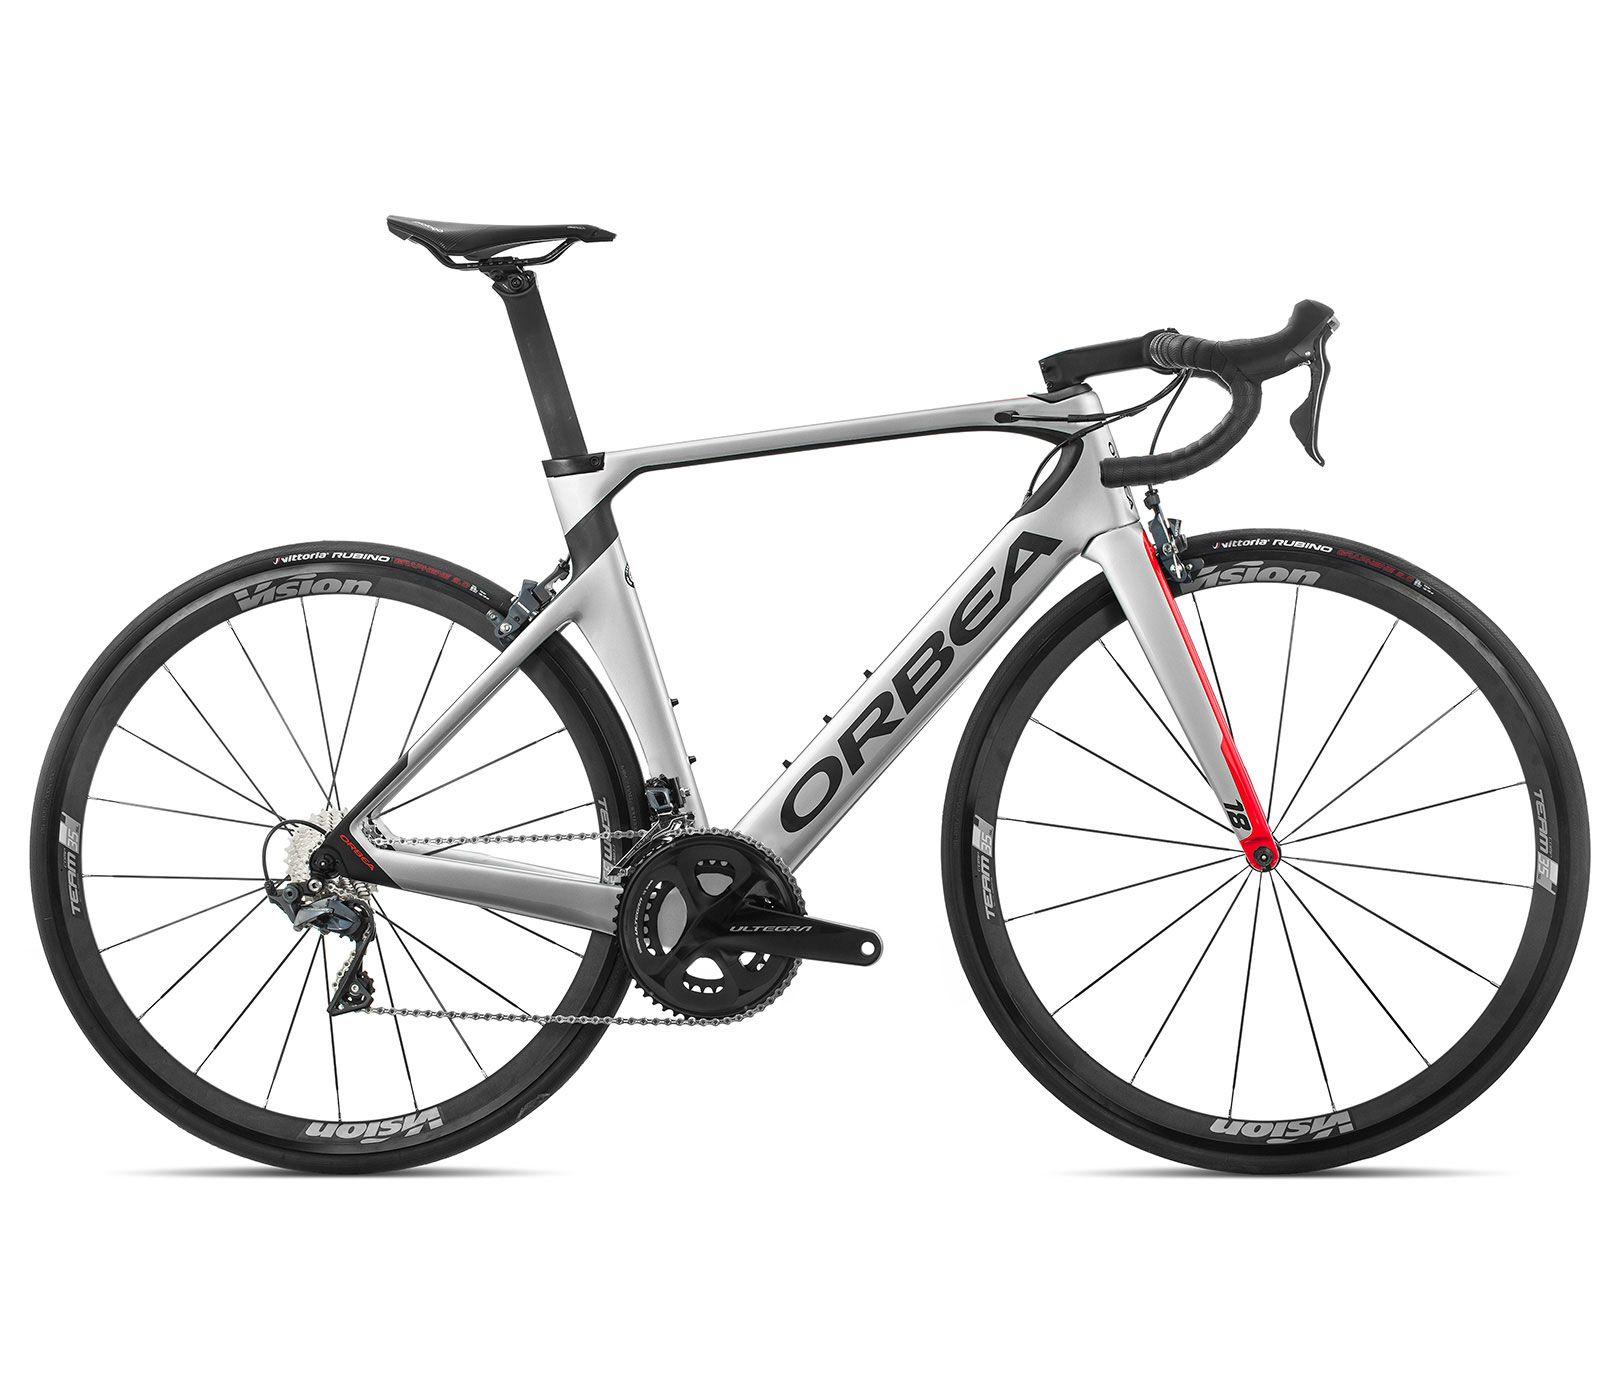 Bicicleta estrada Orbea Orca AERO M20 TEAM Tam 51 Prata/Verm - 2020